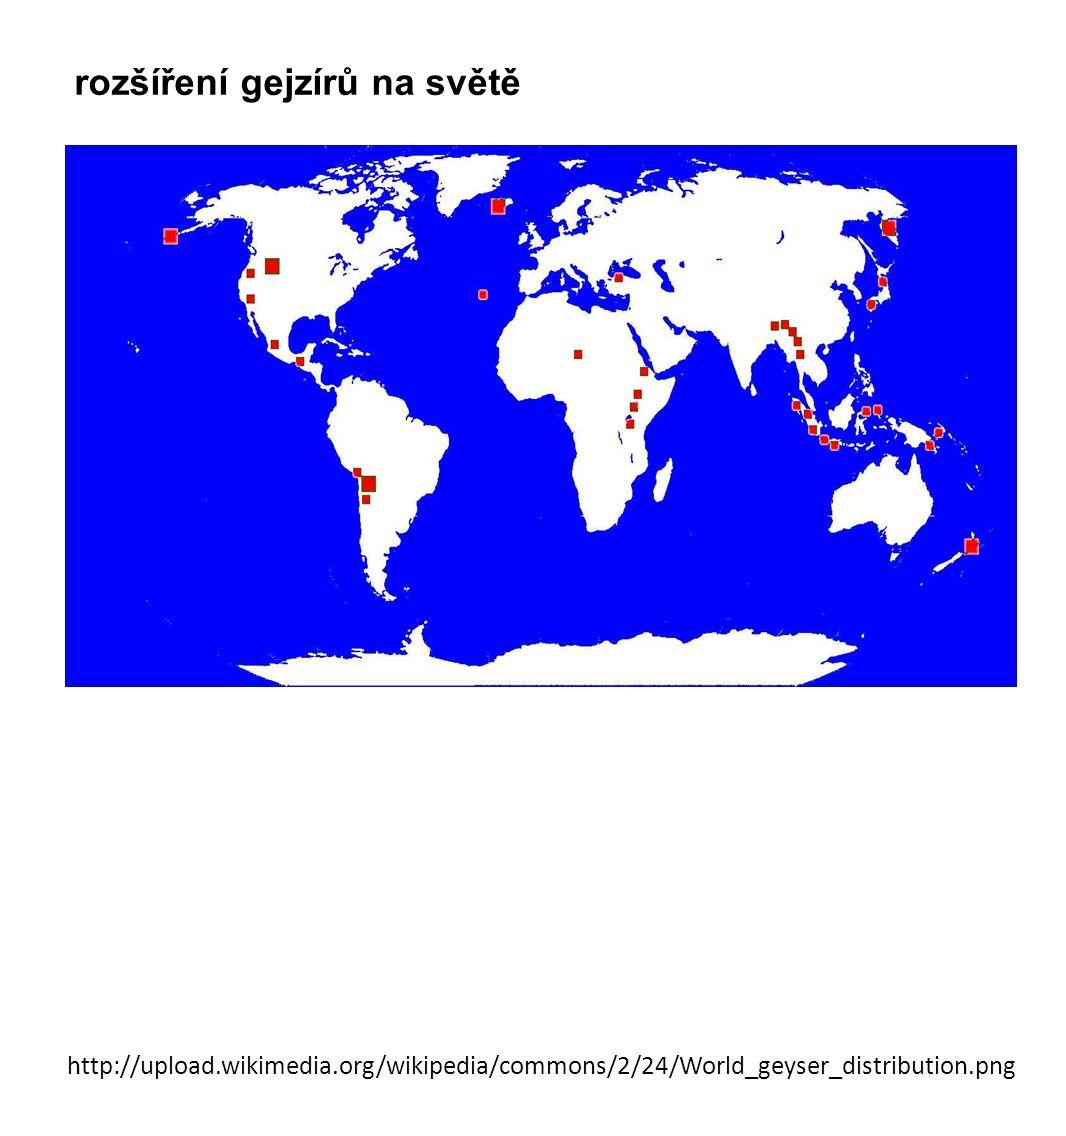 rozšíření gejzírů na světě